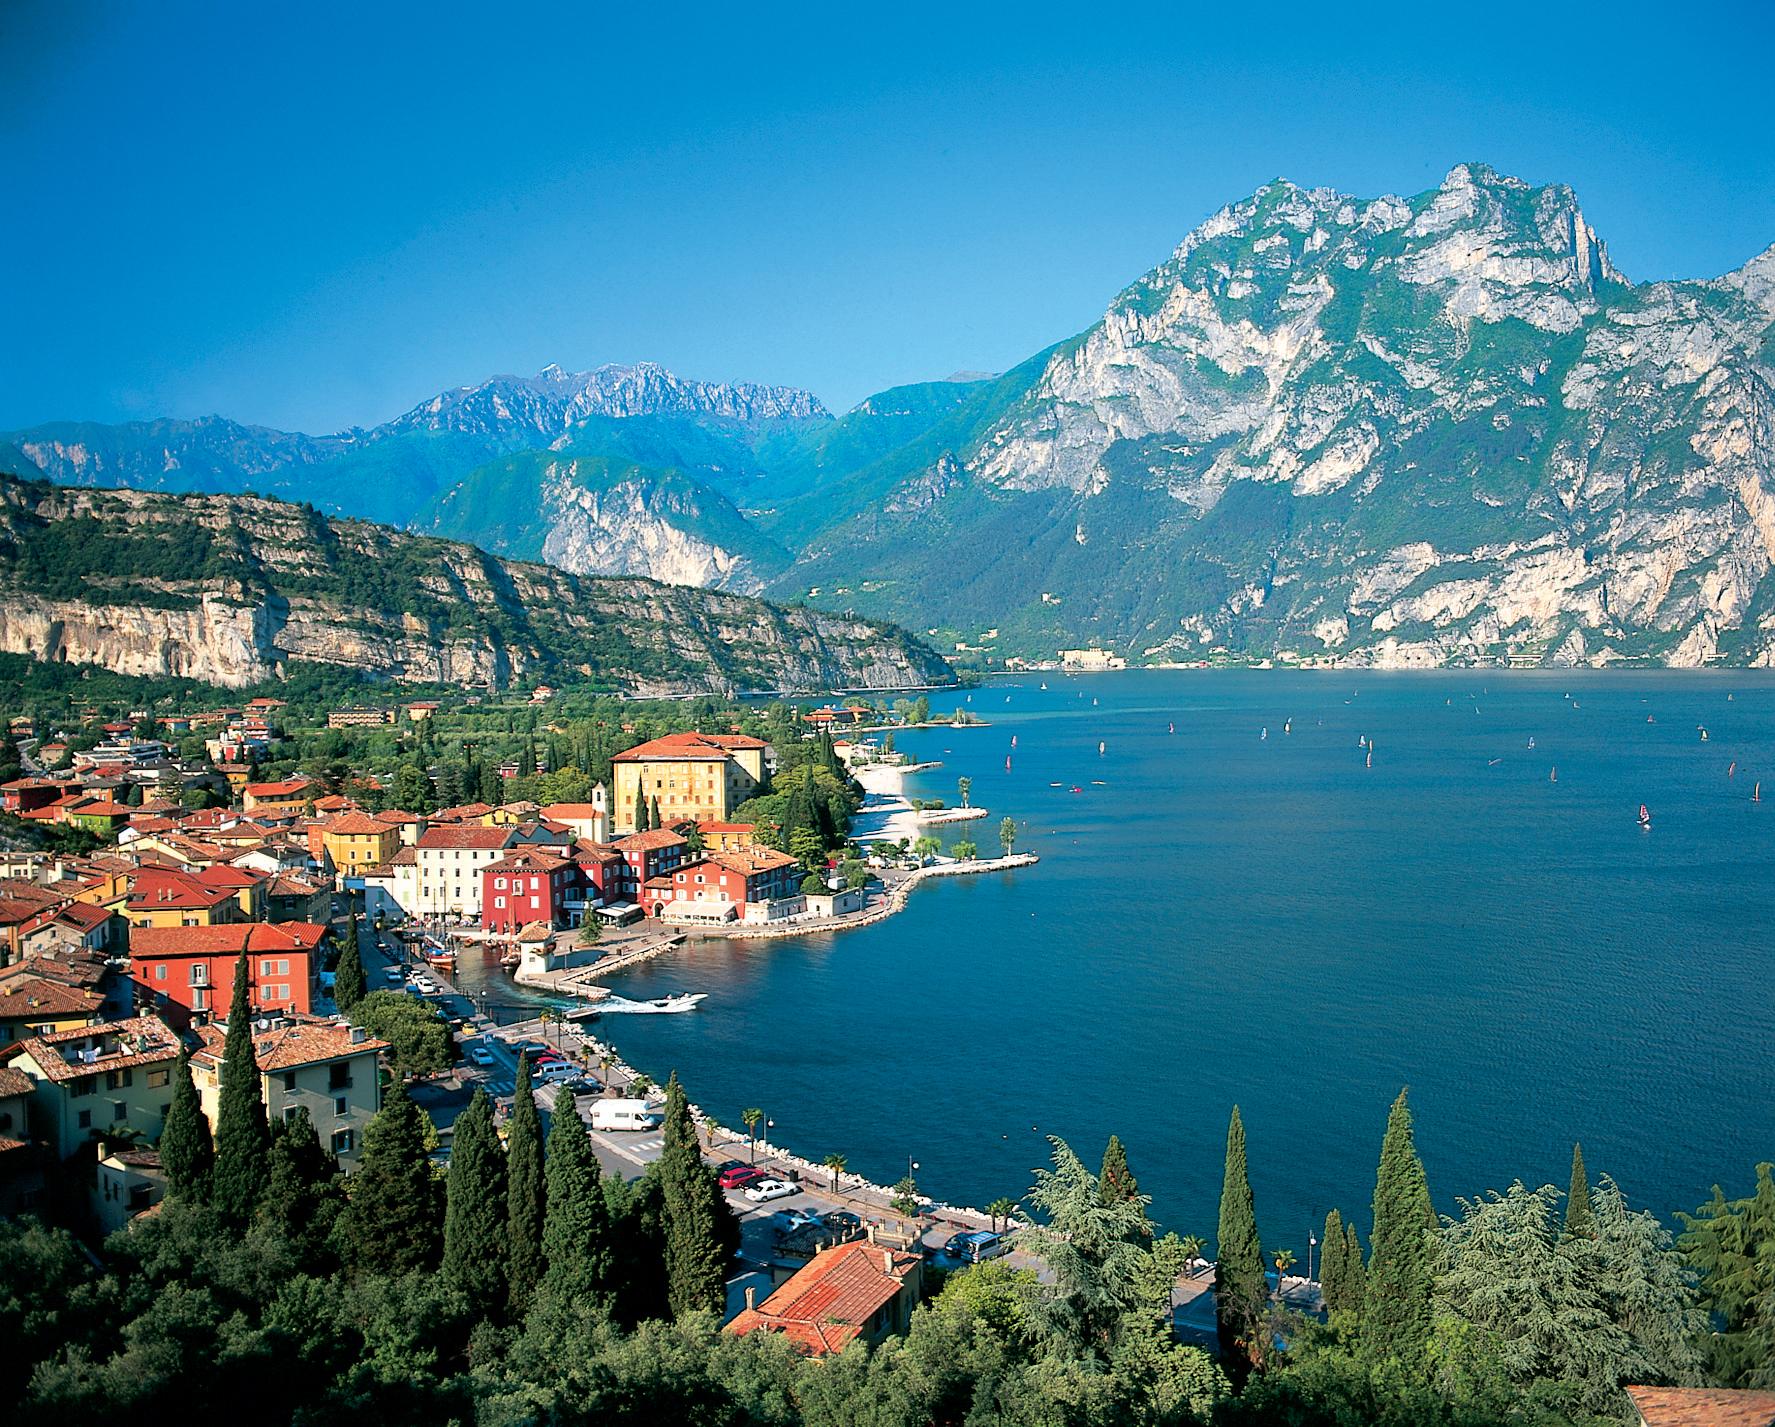 parto-per-italia-vacanze-italiane-2010